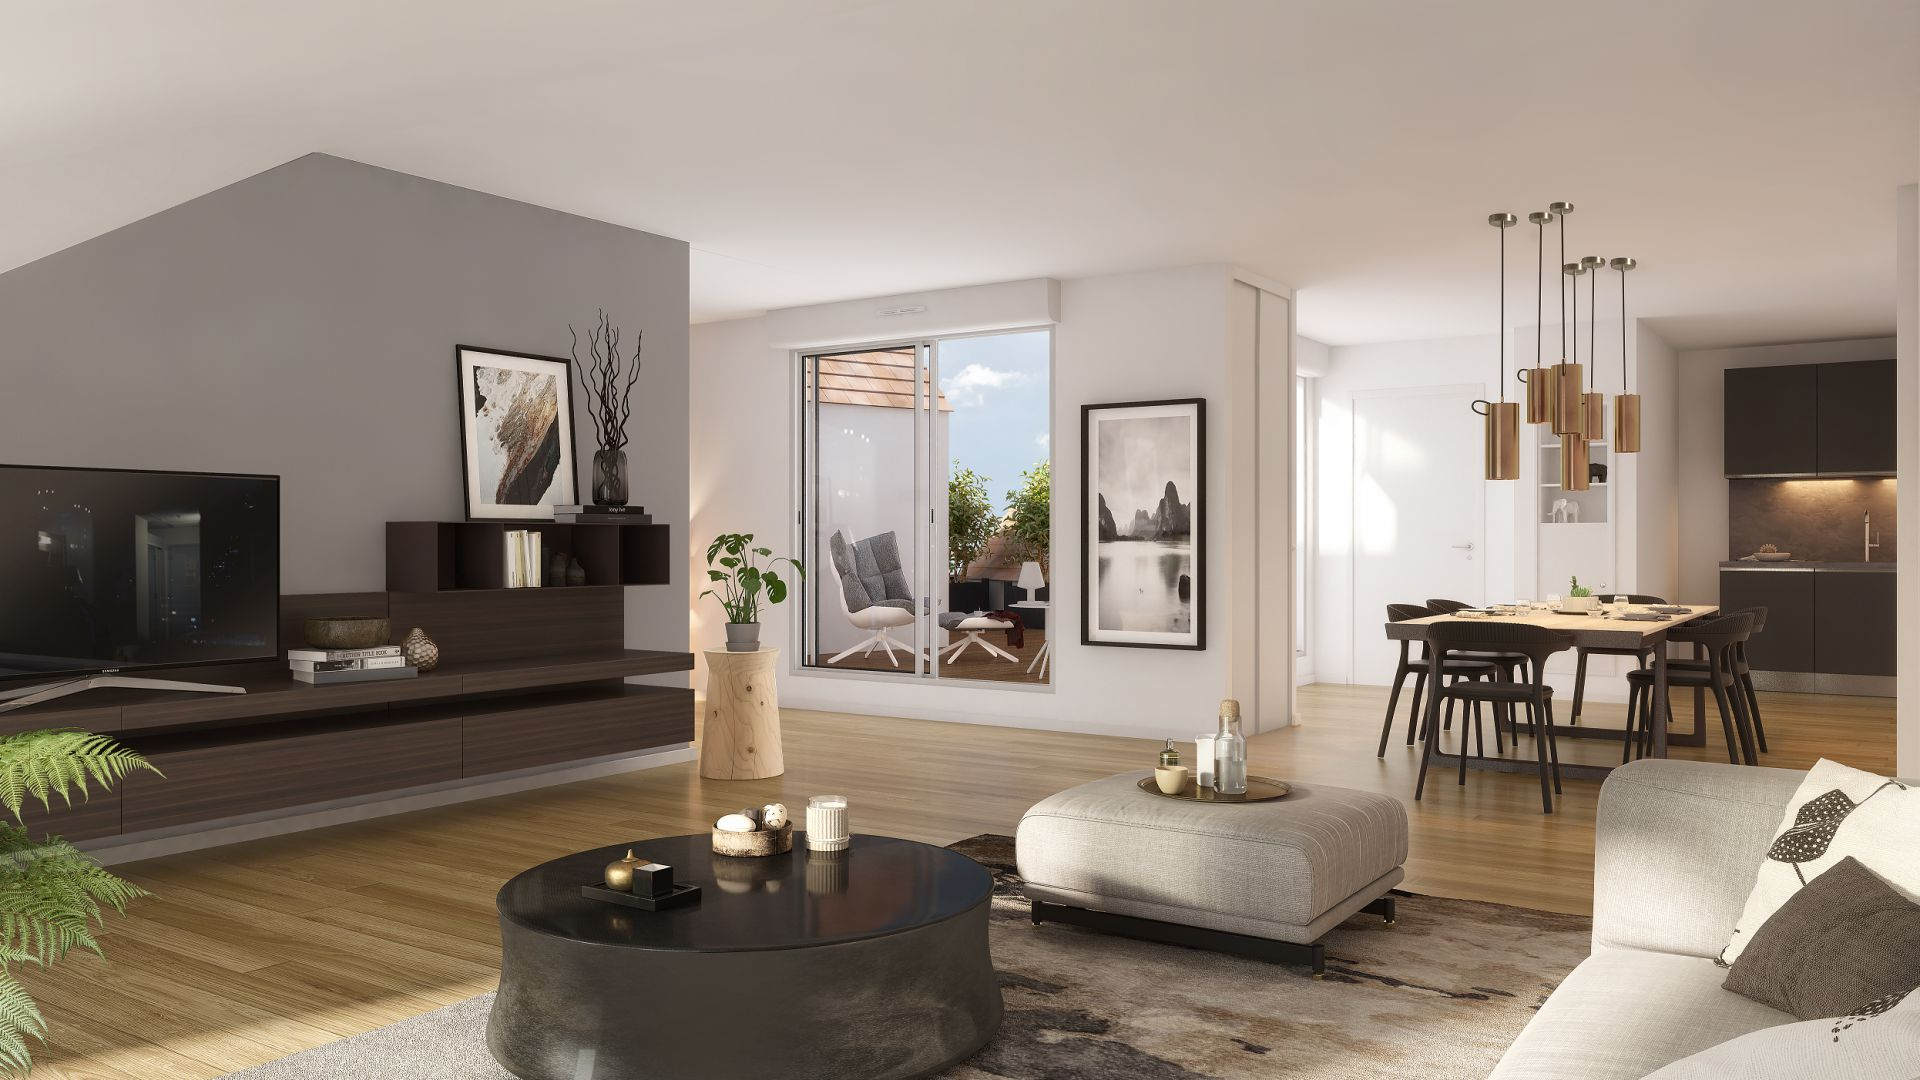 GreenCity immobilier - achat appartement  neuf - Villemomble - 93250 - Villa Castille - vue intérieure